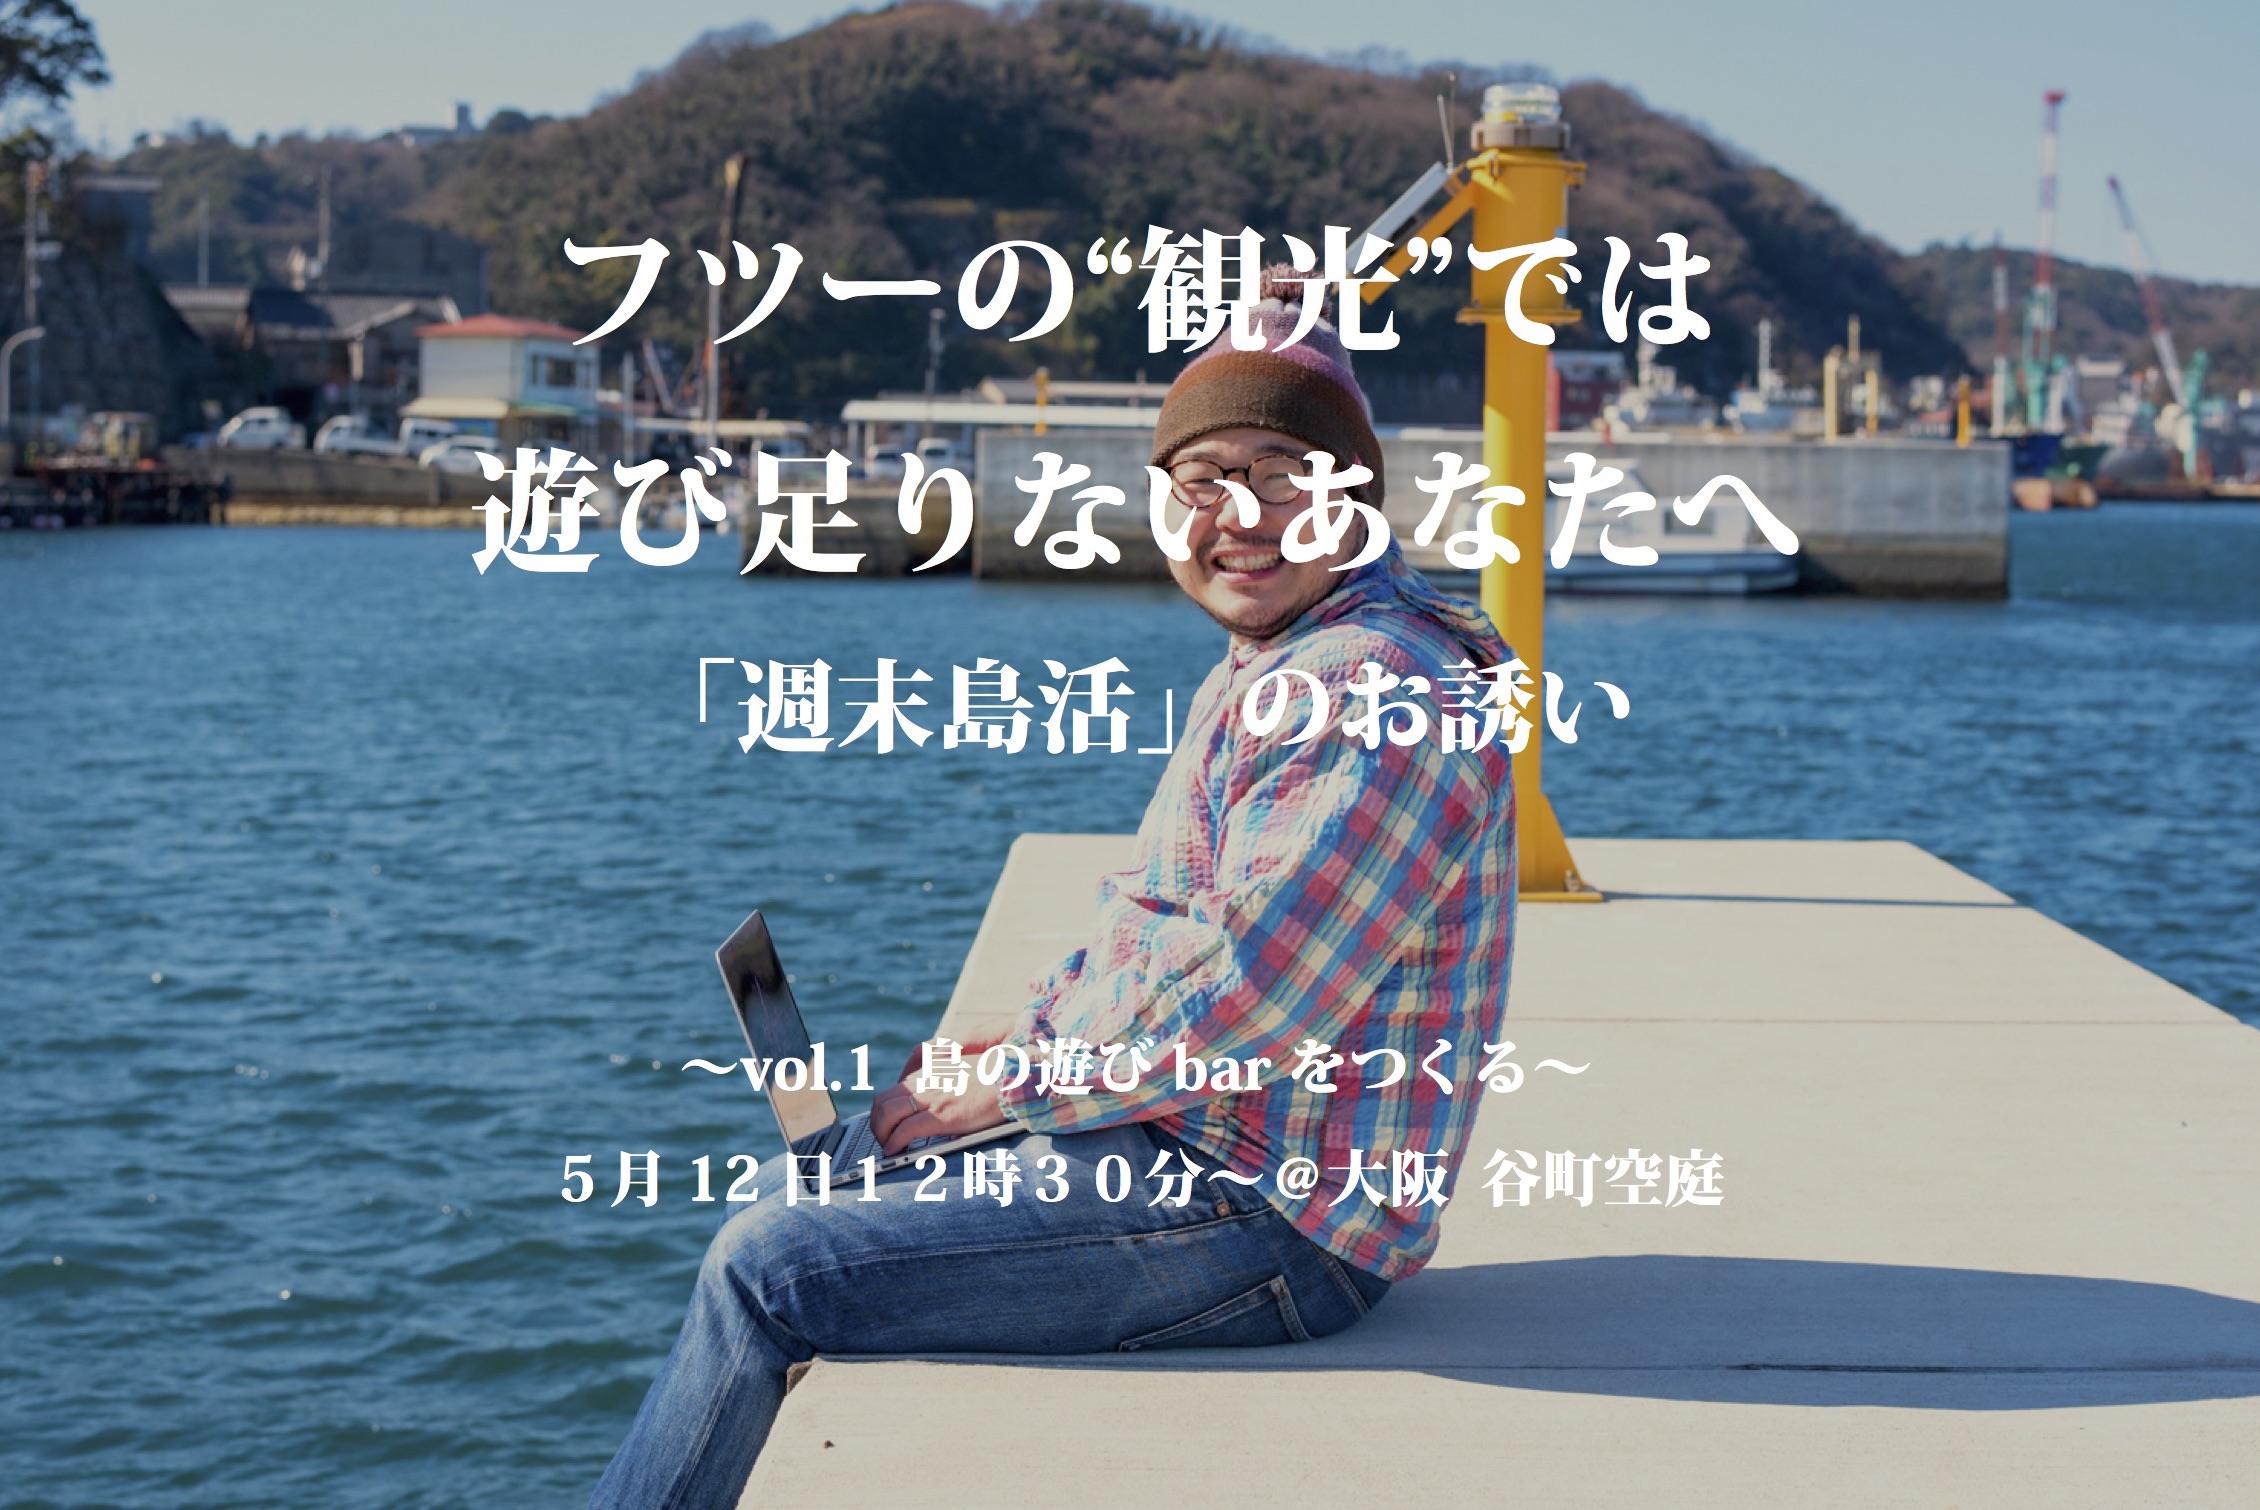 「週末島活」のお誘いin大阪